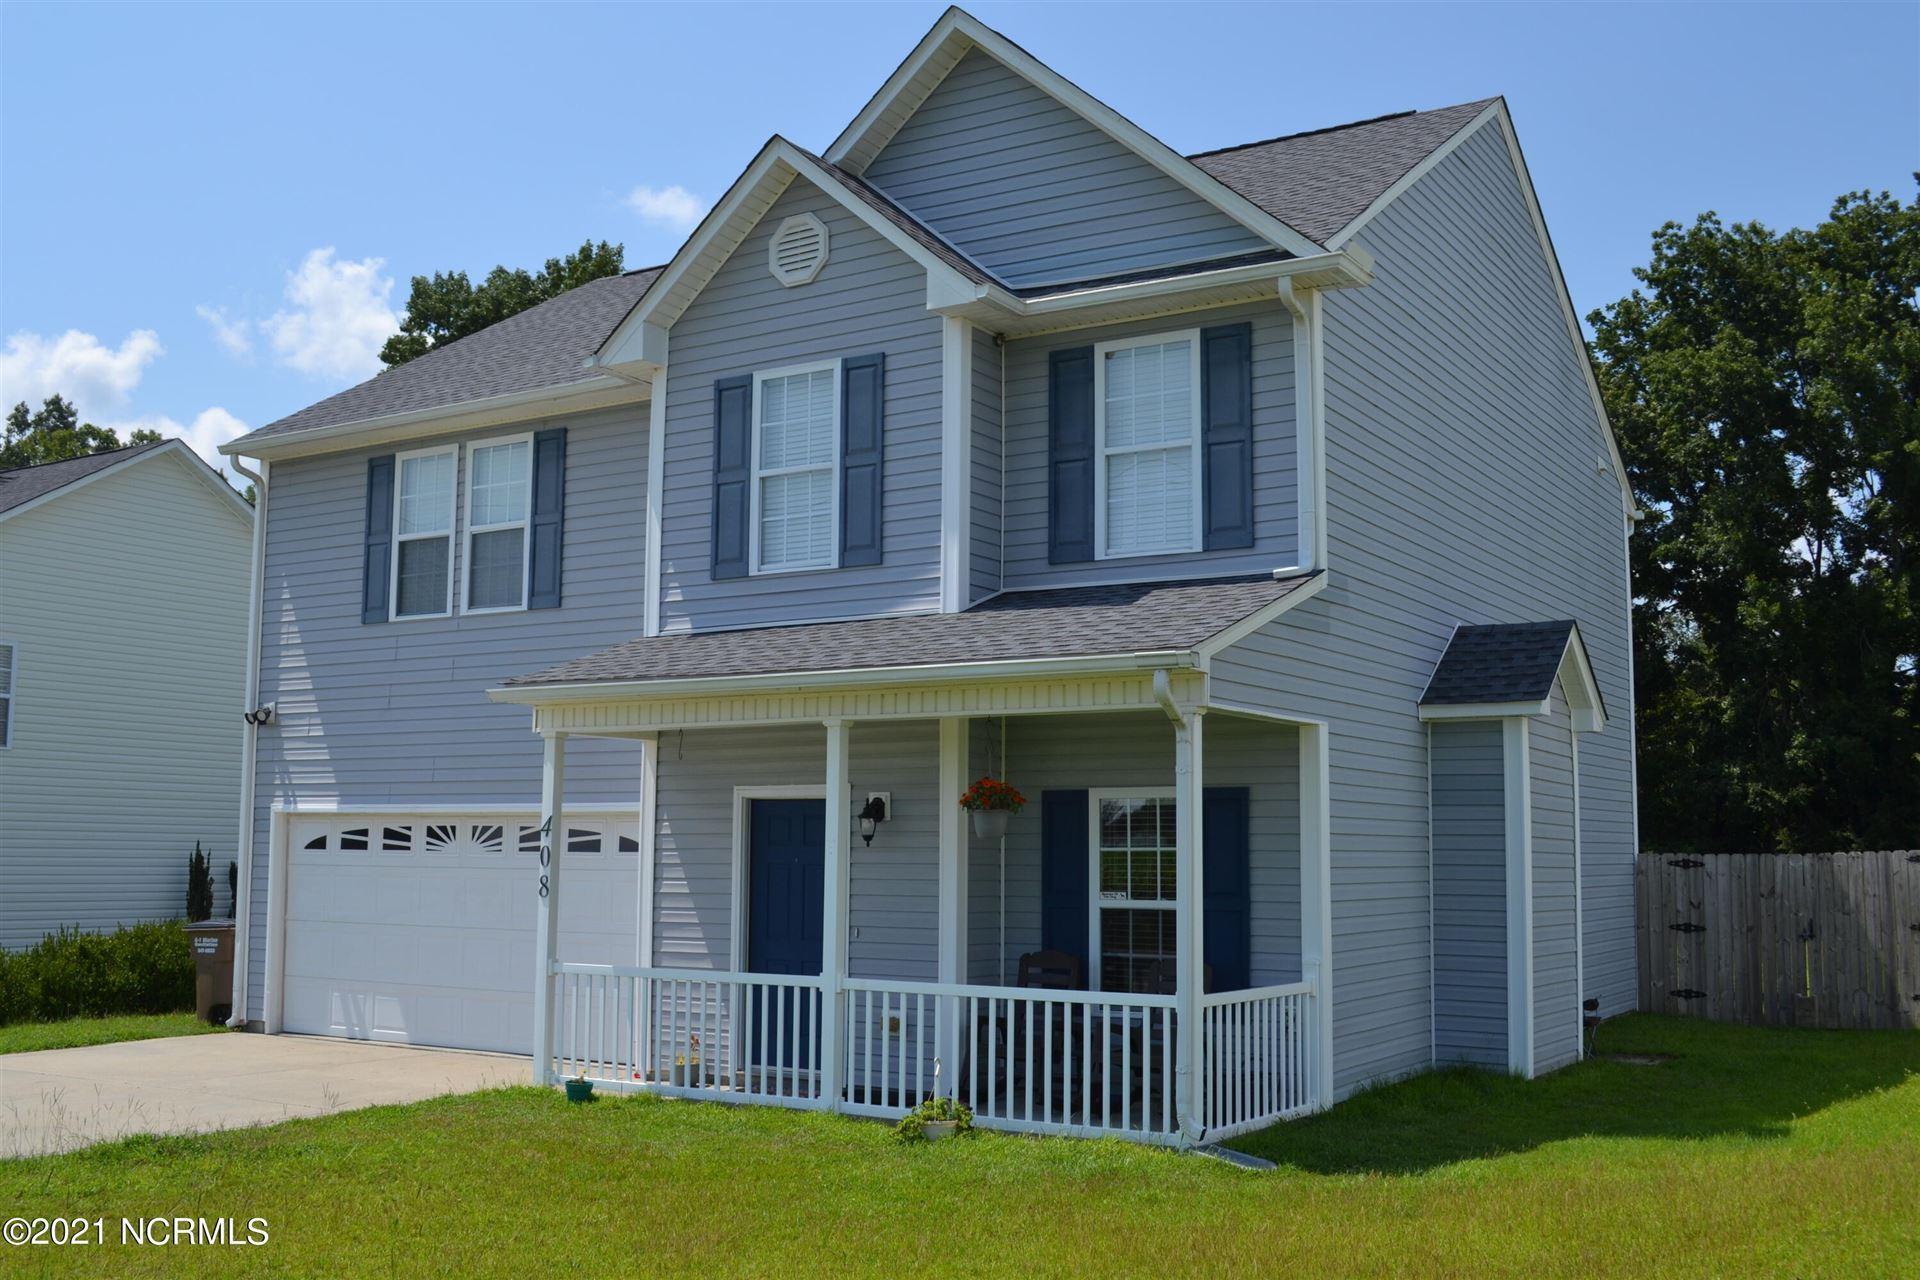 Photo of 408 Rhodestown Road, Jacksonville, NC 28540 (MLS # 100285357)